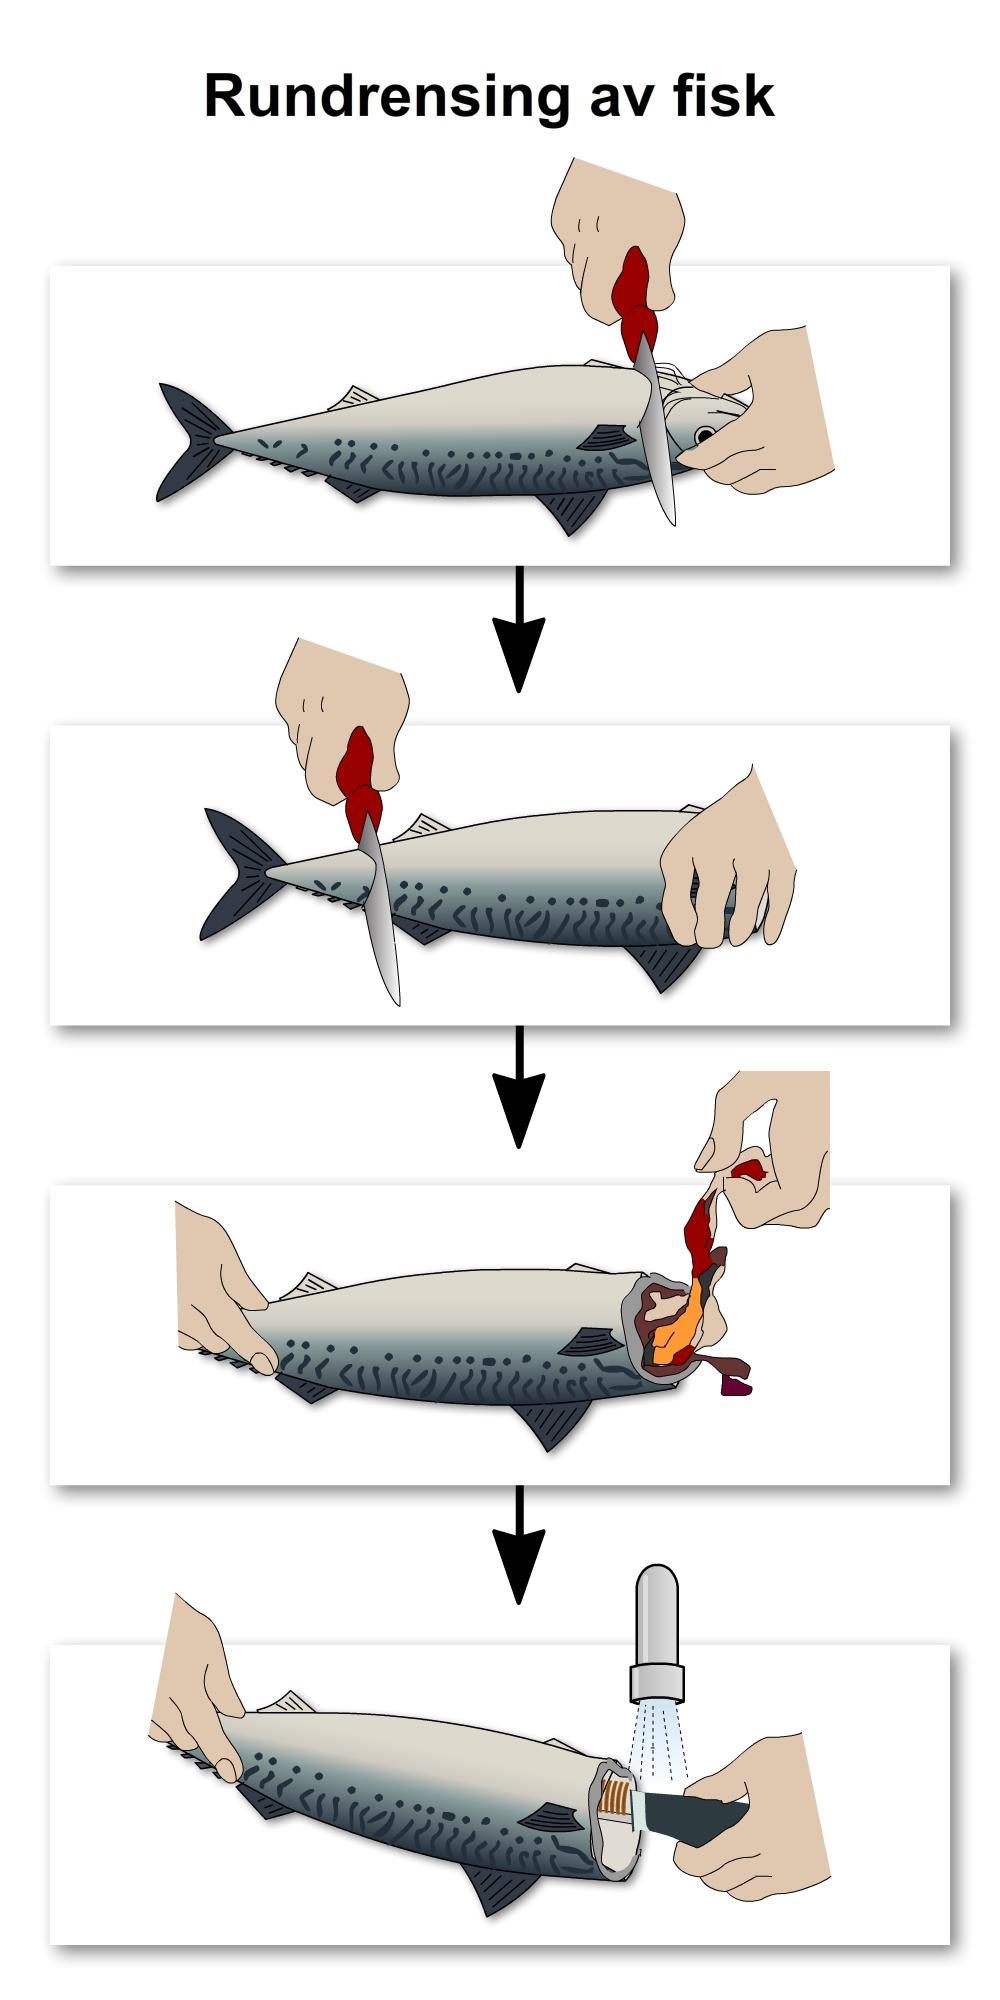 Rundrensing av fisk